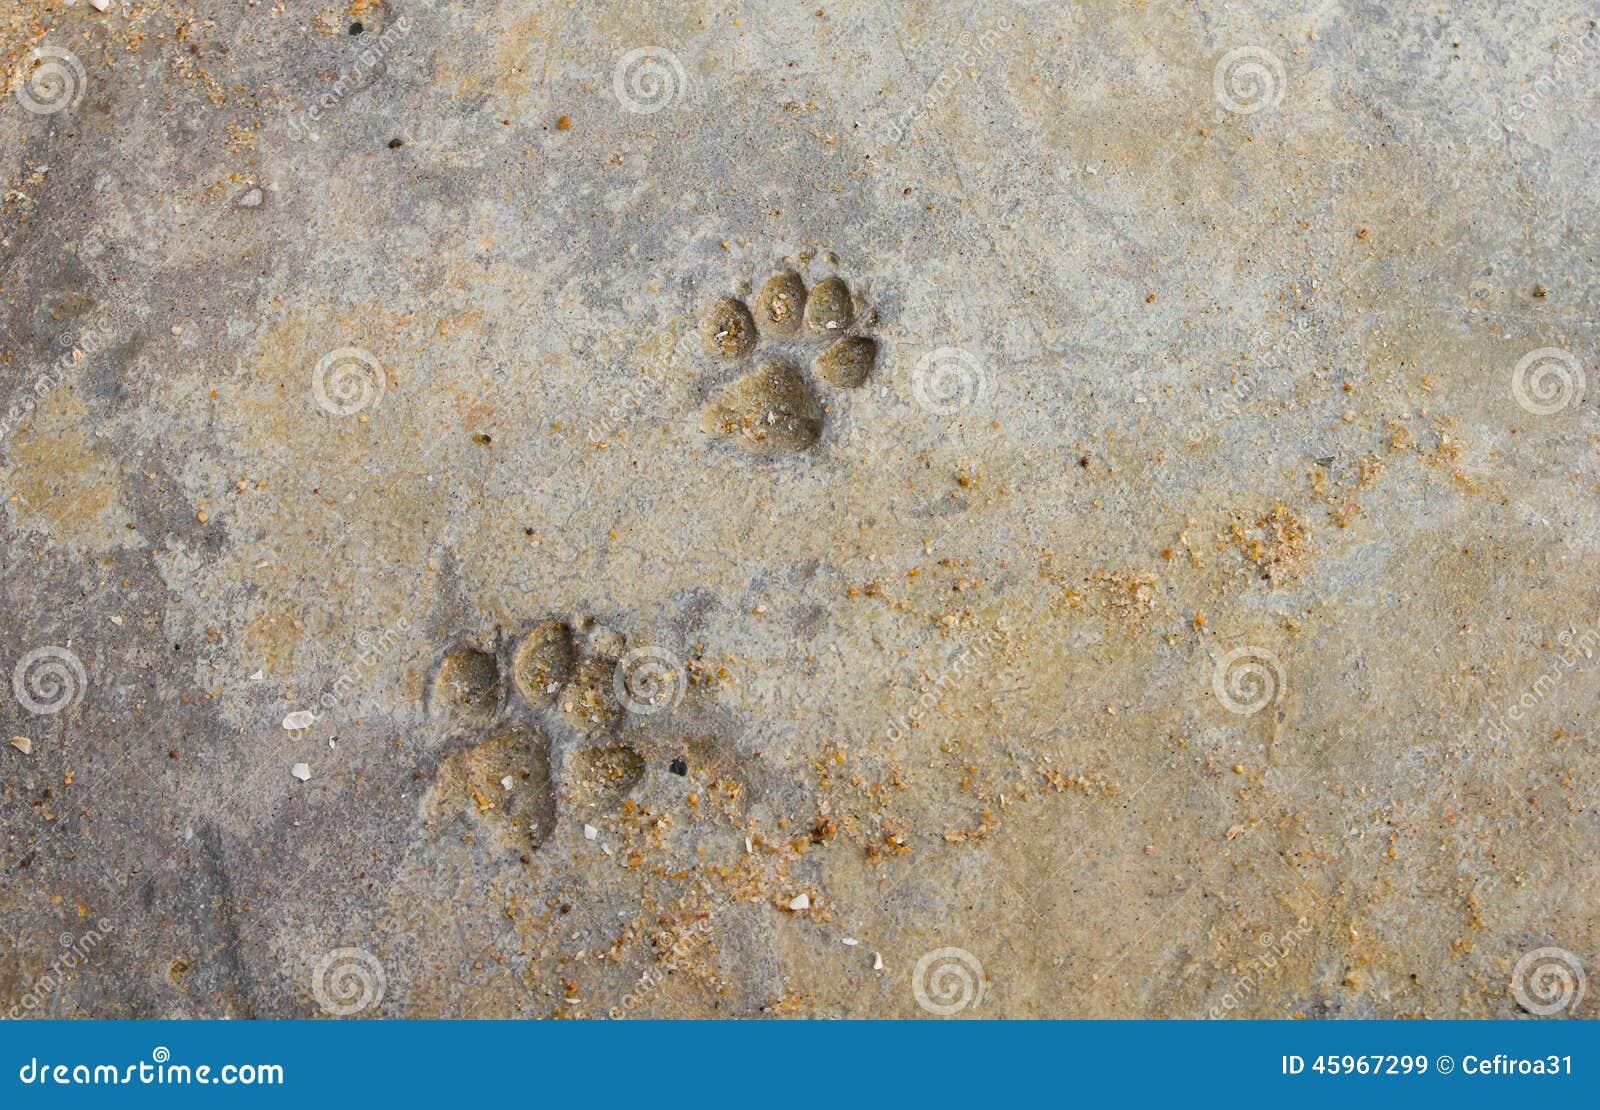 Dog Paw Prints Stock Photo Image 45967299